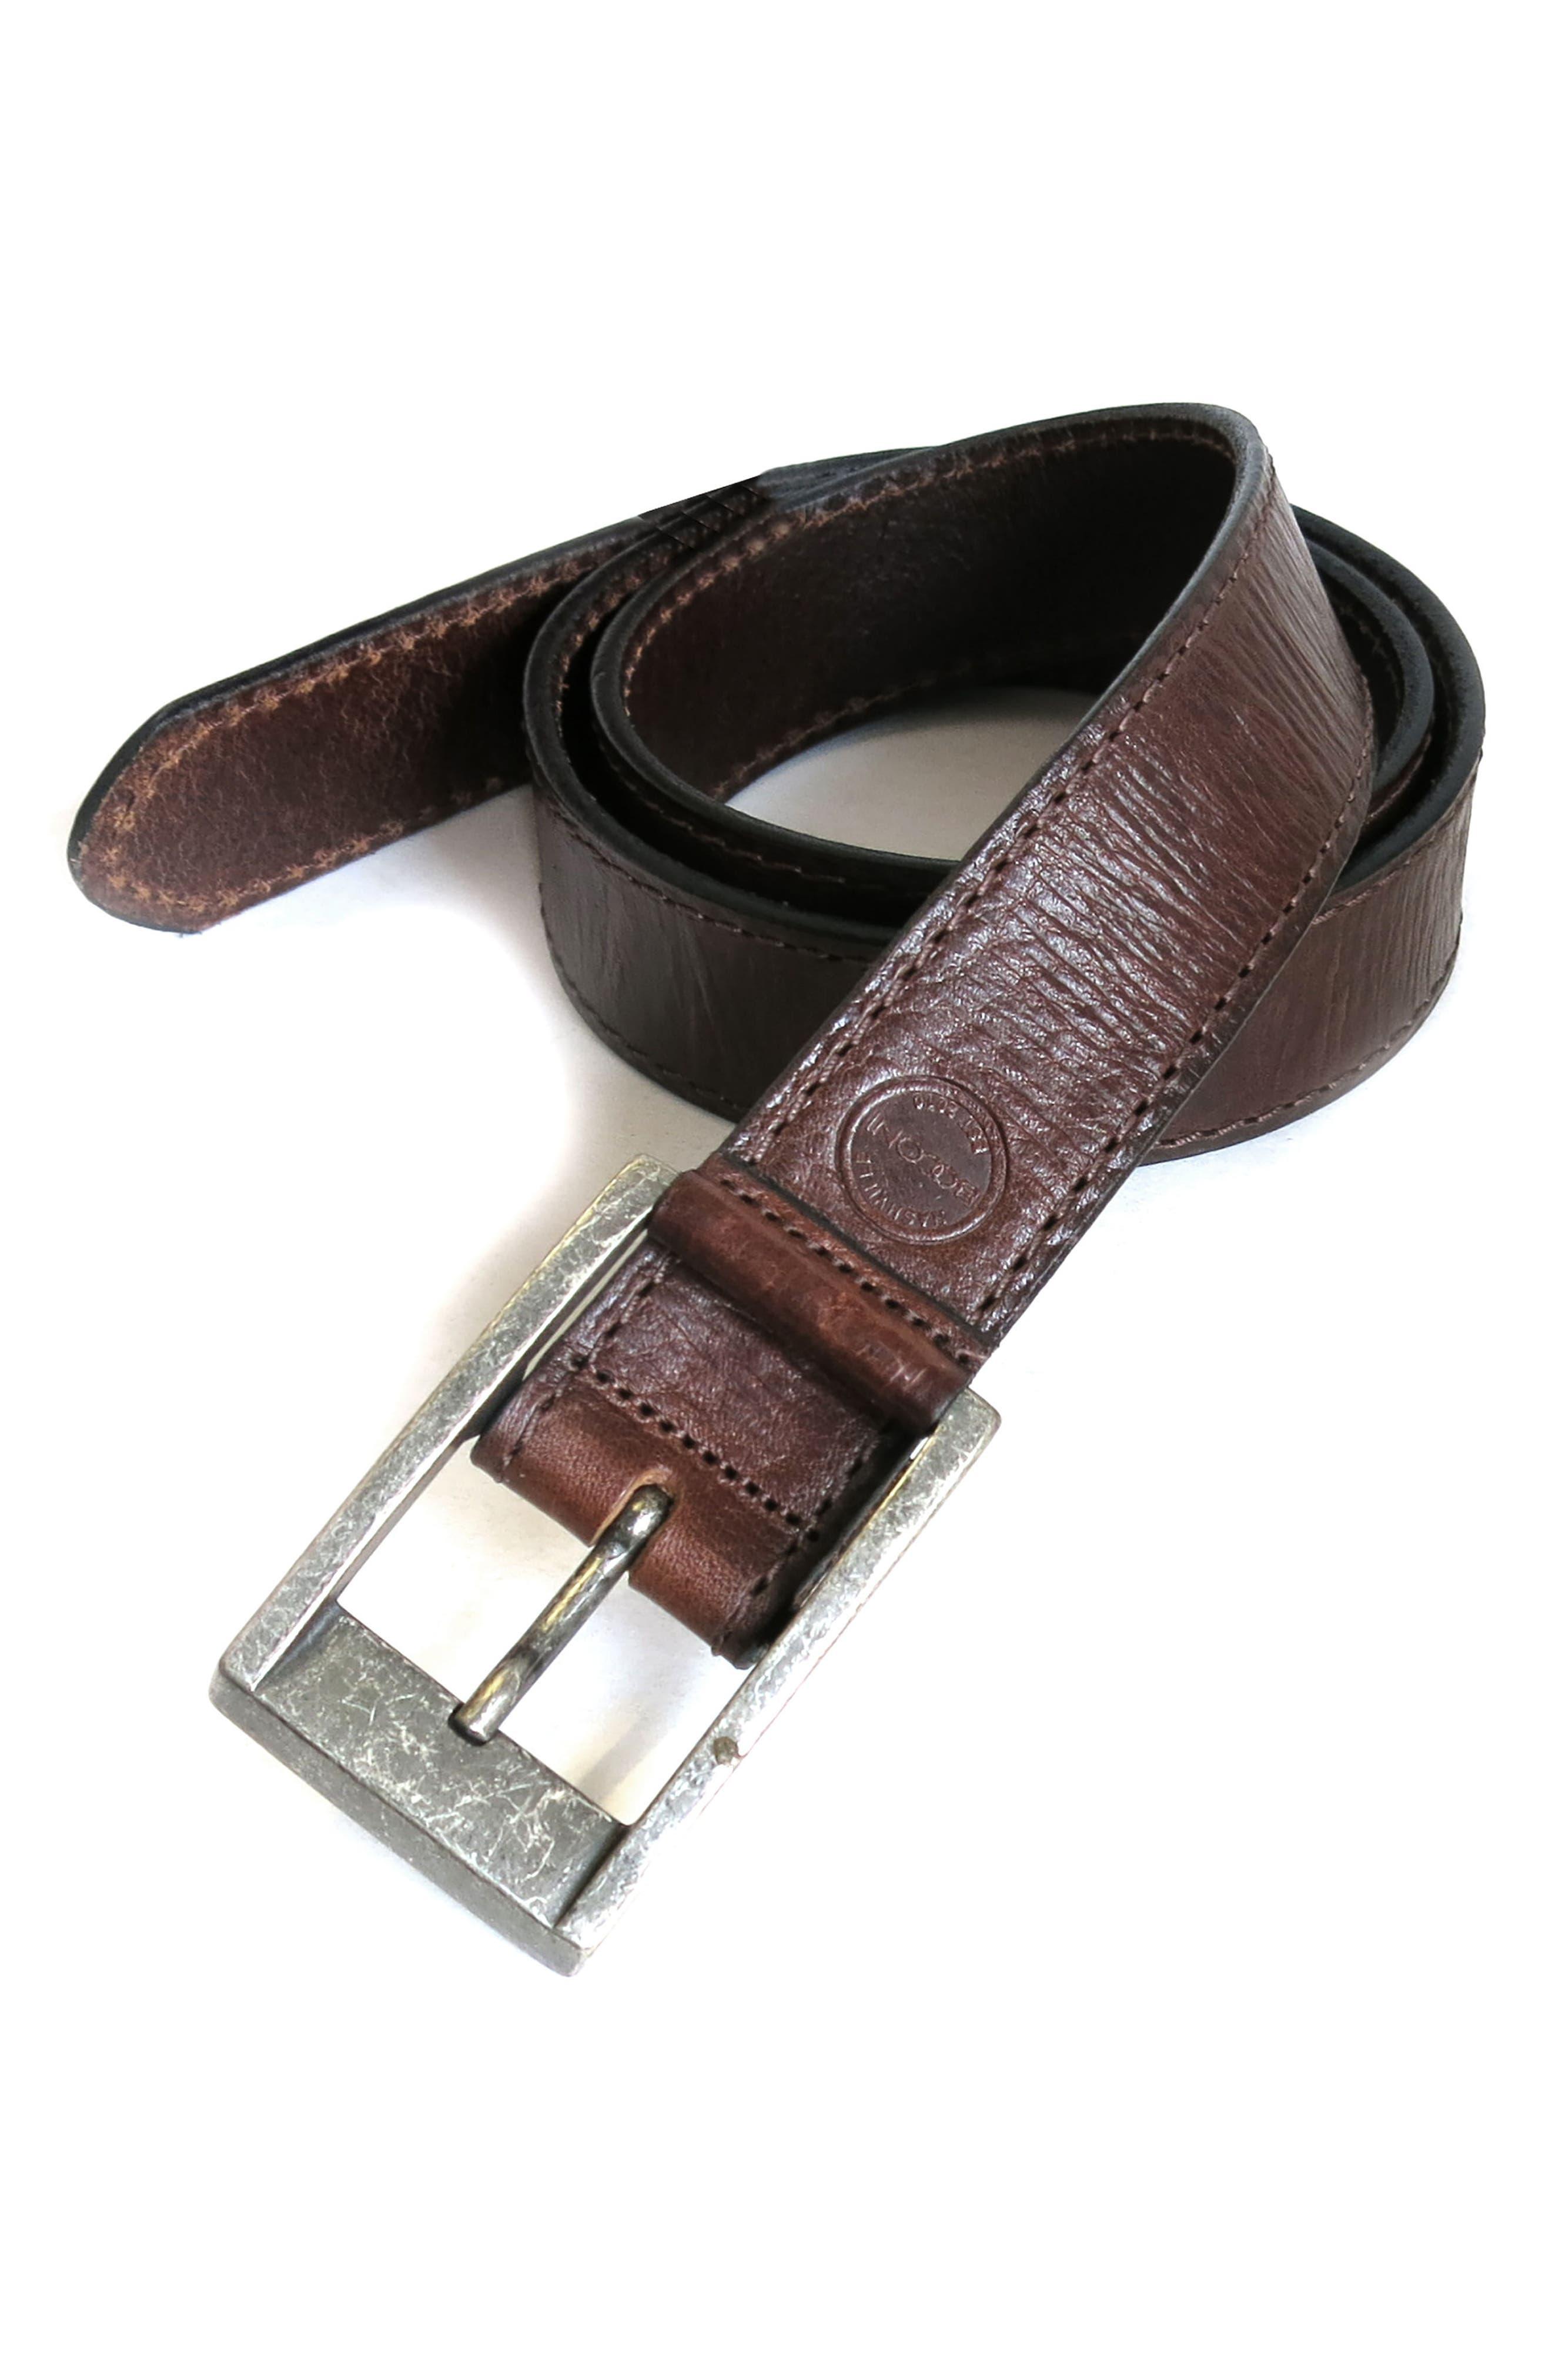 Burnished Calfskin Leather Belt,                             Alternate thumbnail 2, color,                             Chestnut